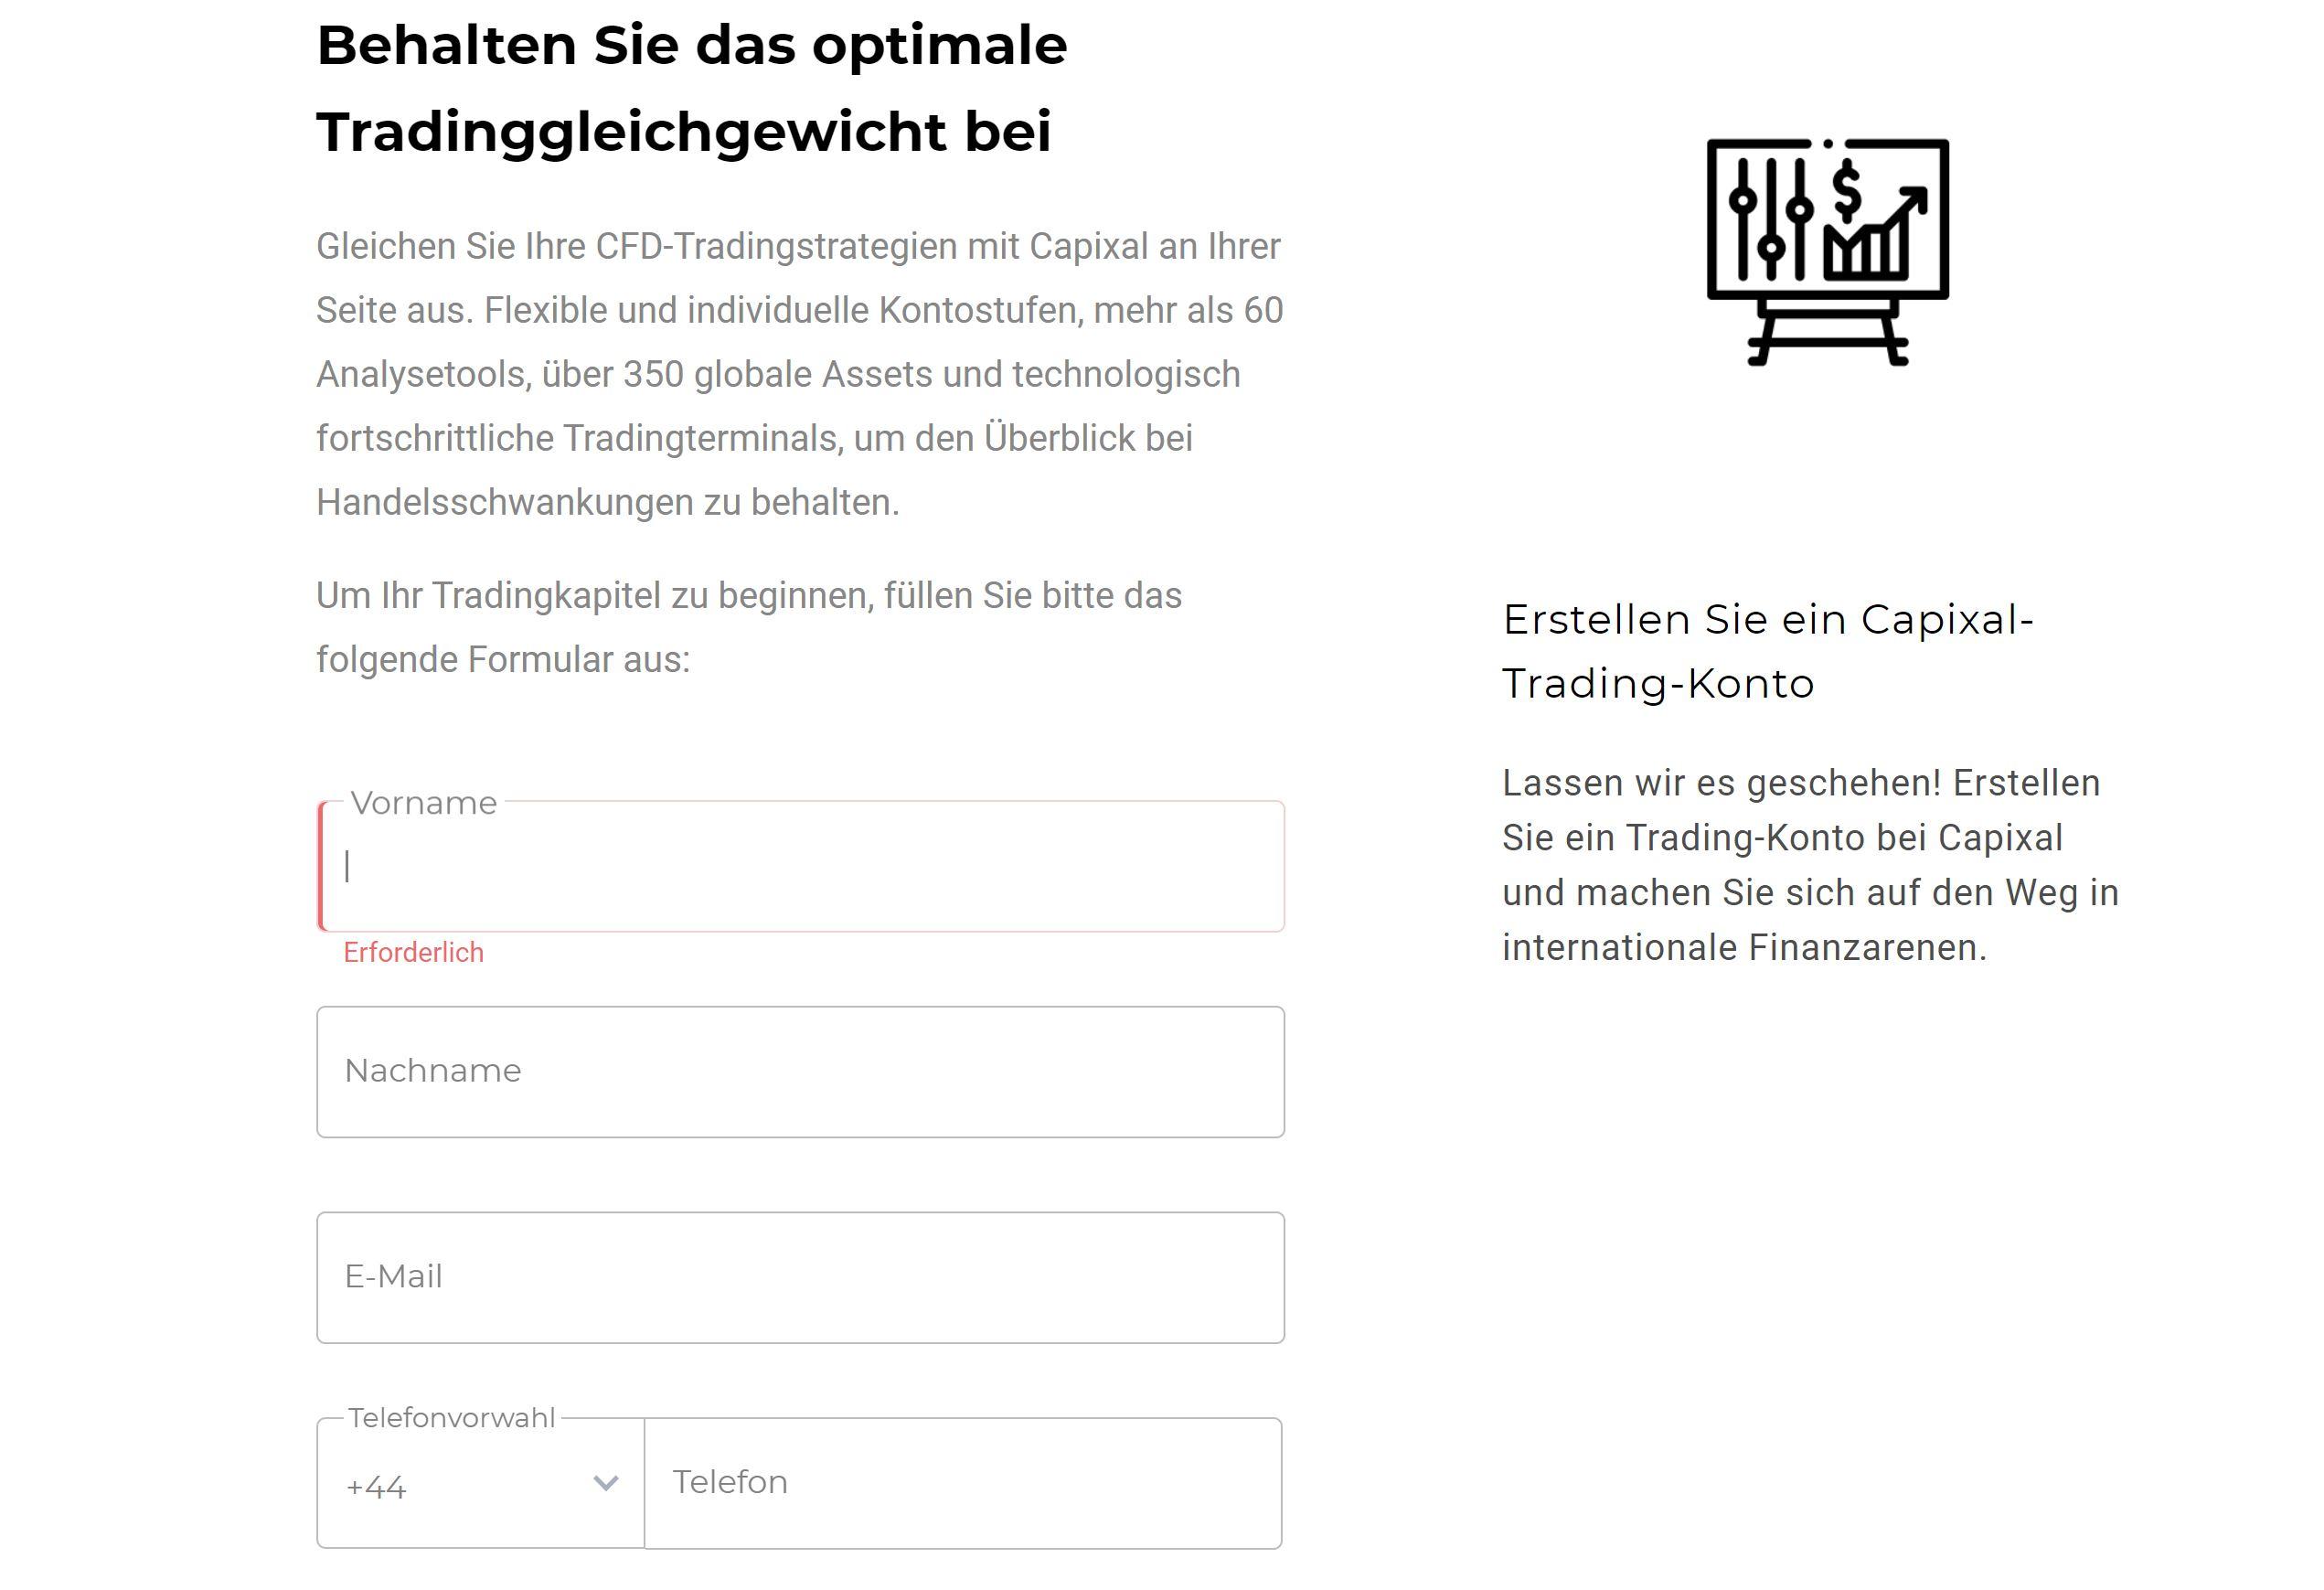 Создайте учетную запись Capixal.com